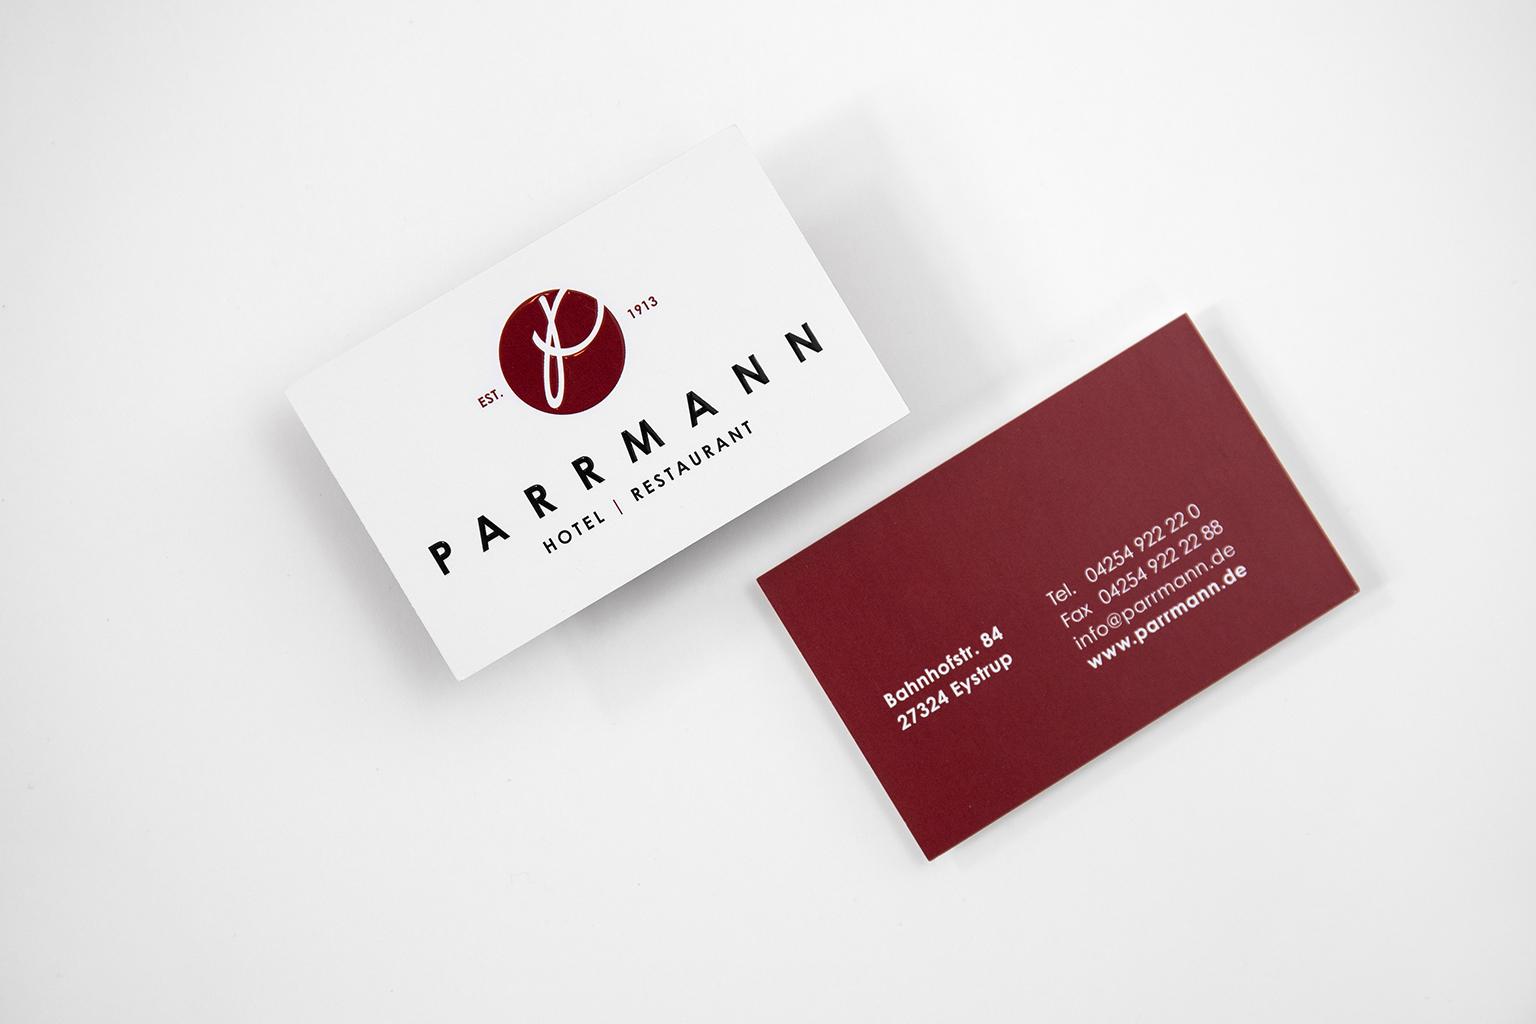 parrmann-visitenkarte-readymade-verden